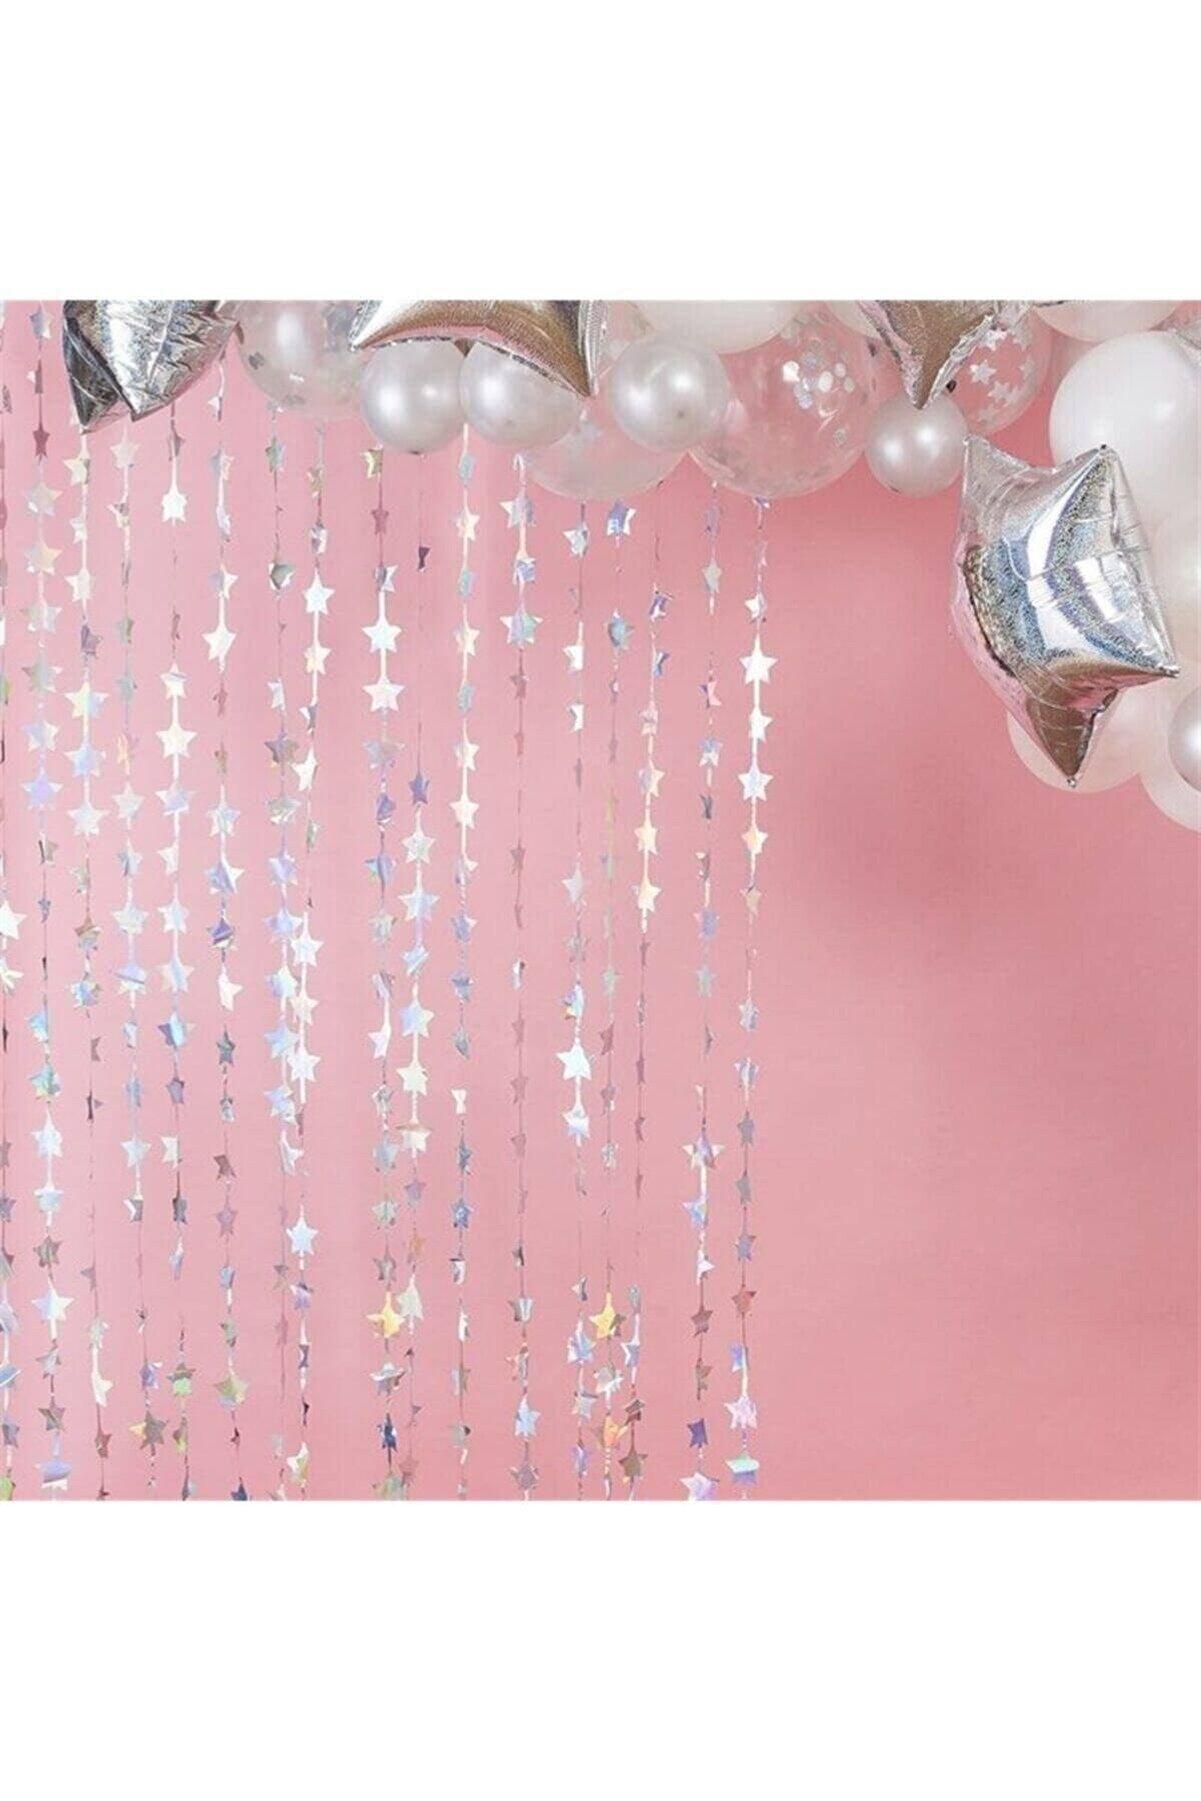 Huzur Party Store Işıltılı Yıldızlı Gümüş Arka Fon Kendinden Yapışkanlı Silver Kapı Perdesi Metalik Gri Duvar Süsü